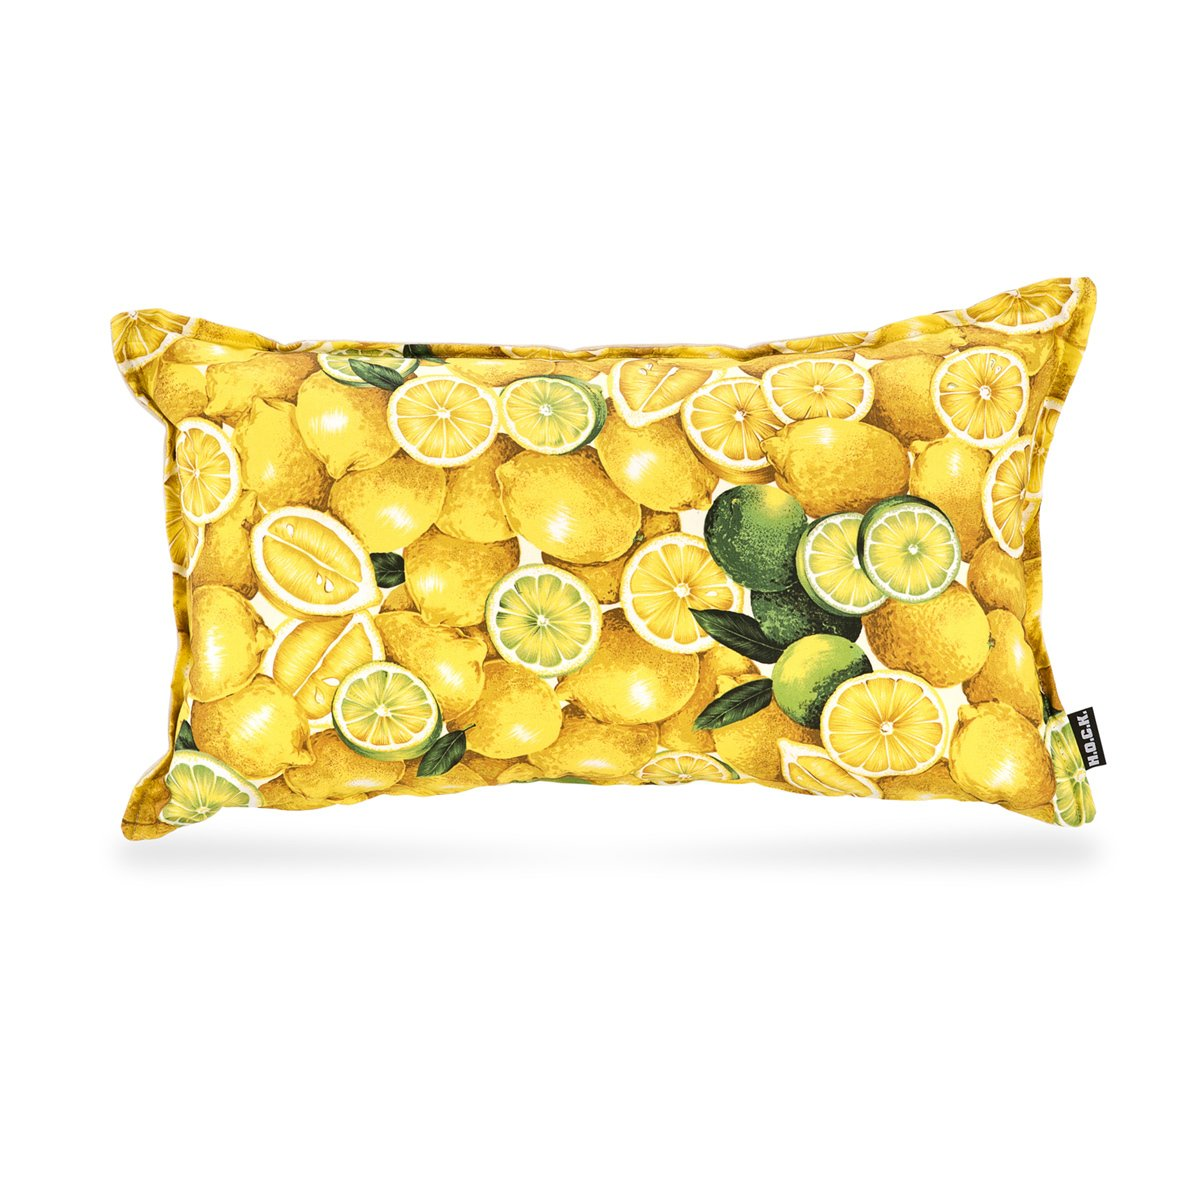 H.O.C.K. Kissen Outdoor Lemone 50x30cm günstig online kaufen